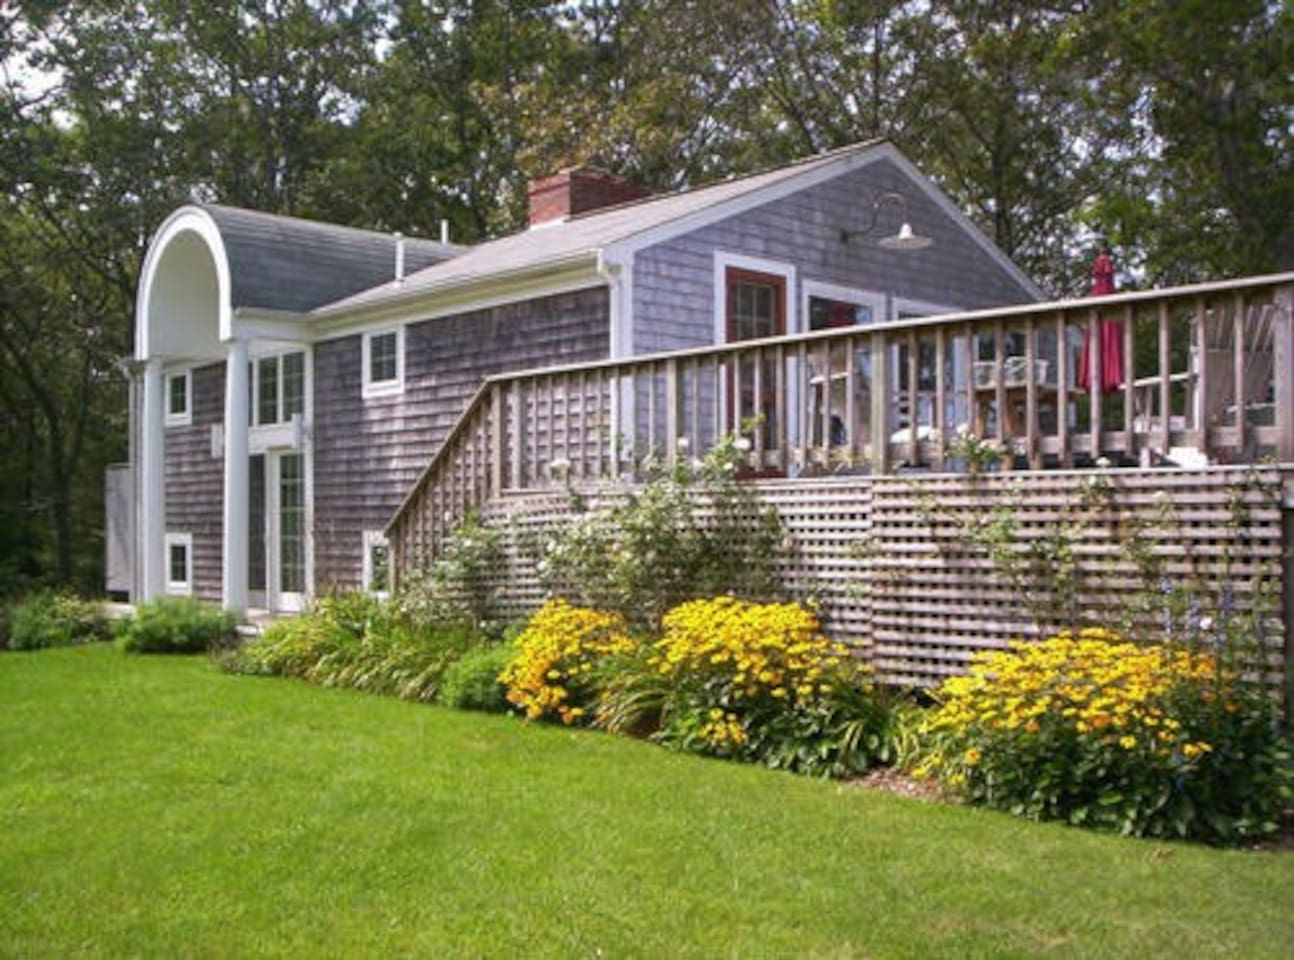 Image of Airbnb rental in Martha's Vineyard